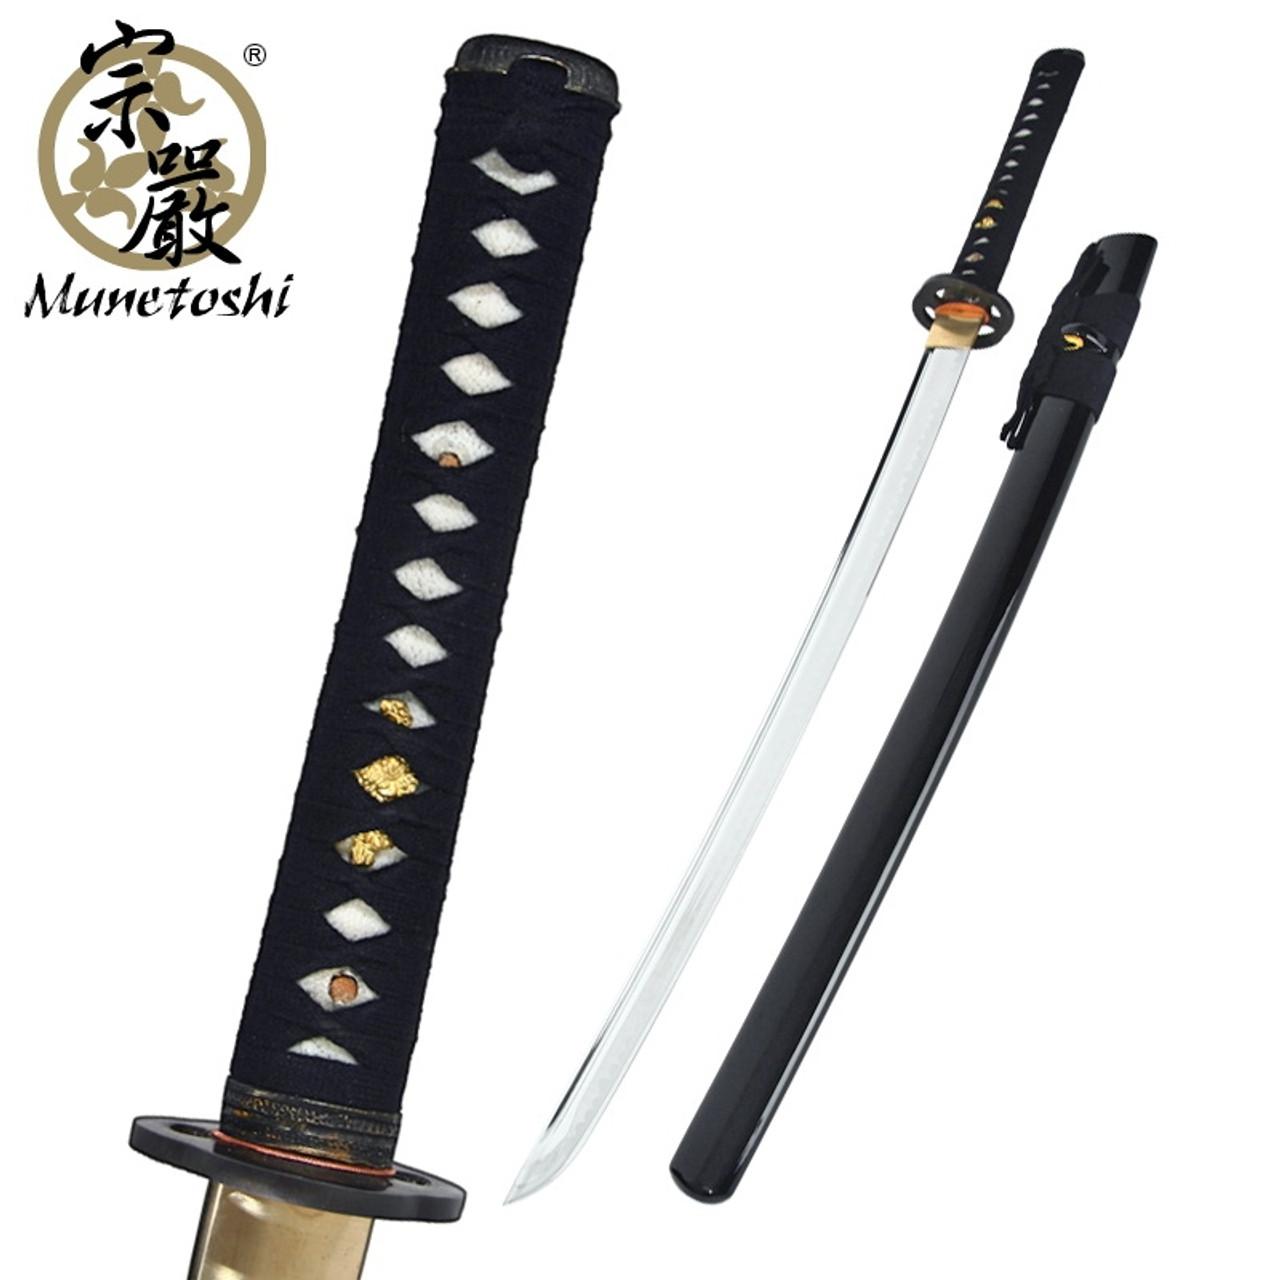 Junior Edition Katana Aluminum Iaito Practice Samurai Sword